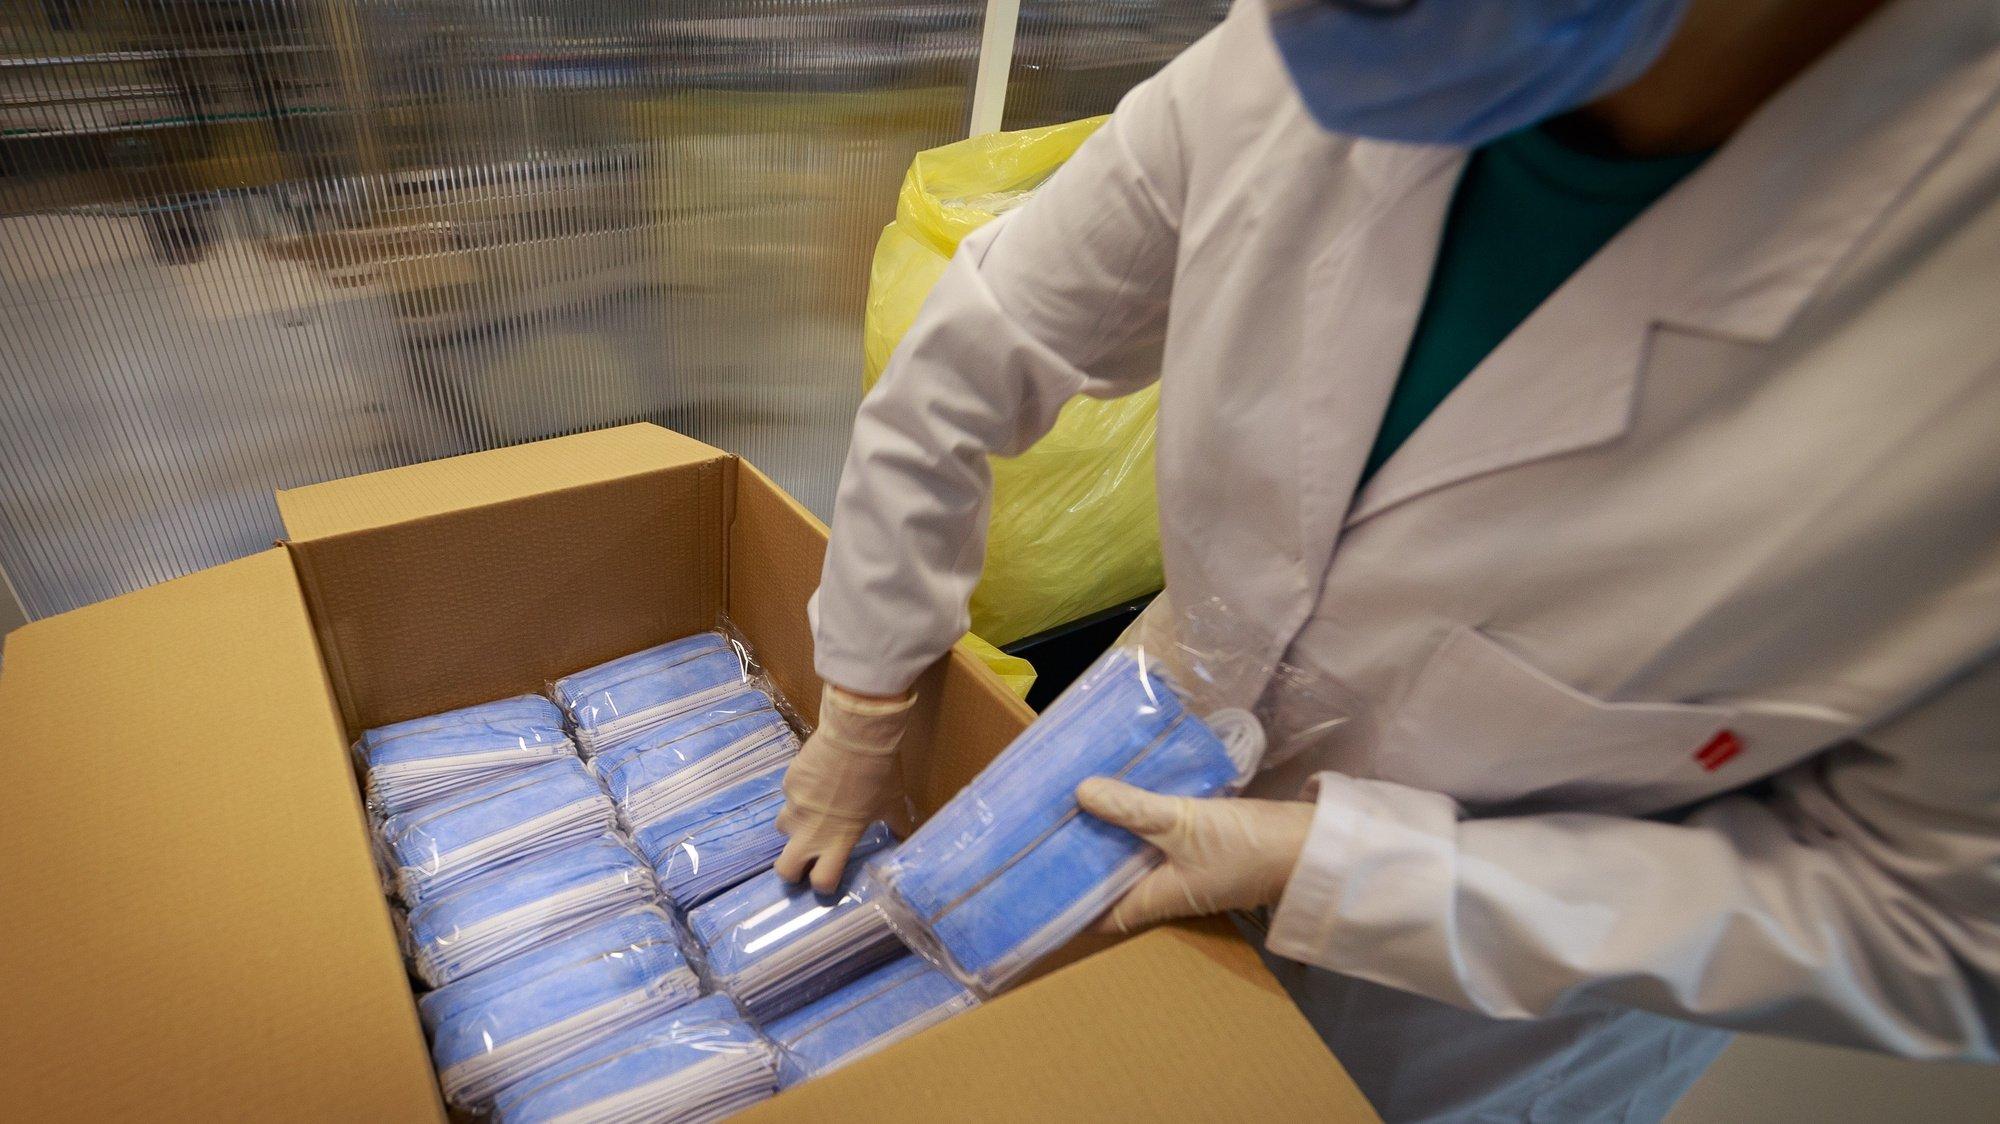 Embalamento de máscaras no pavilhão instalado na Zona Industrial de Boticas que está nesta altura repleto de maquinaria ainda 'a brilhar', como máquinas de costura, máquinas que preparam o tecido para o fabrico de máscaras comunitárias, uma sala com uma linha de produção de máscaras cirúrgicas e ainda duas linhas de produção de álcool-gel, uma para embalagens de meio litro e outra para embalagens de cinco litros. O receio de despedir funcionários devido à pandemia de covid-19 levou um empresário de Boticas, do ramo do transporte de automóveis, a criar uma fábrica de produção de máscaras e álcool-gel que permitiu já contratar mais 11 pessoas, Boticas, 10 de fevereiro de 2021.  (ACOMPANHA TEXTO DO DIA 13 DE FEVEREIRO 2021) PEDRO SARMENTO COSTA/LUSA